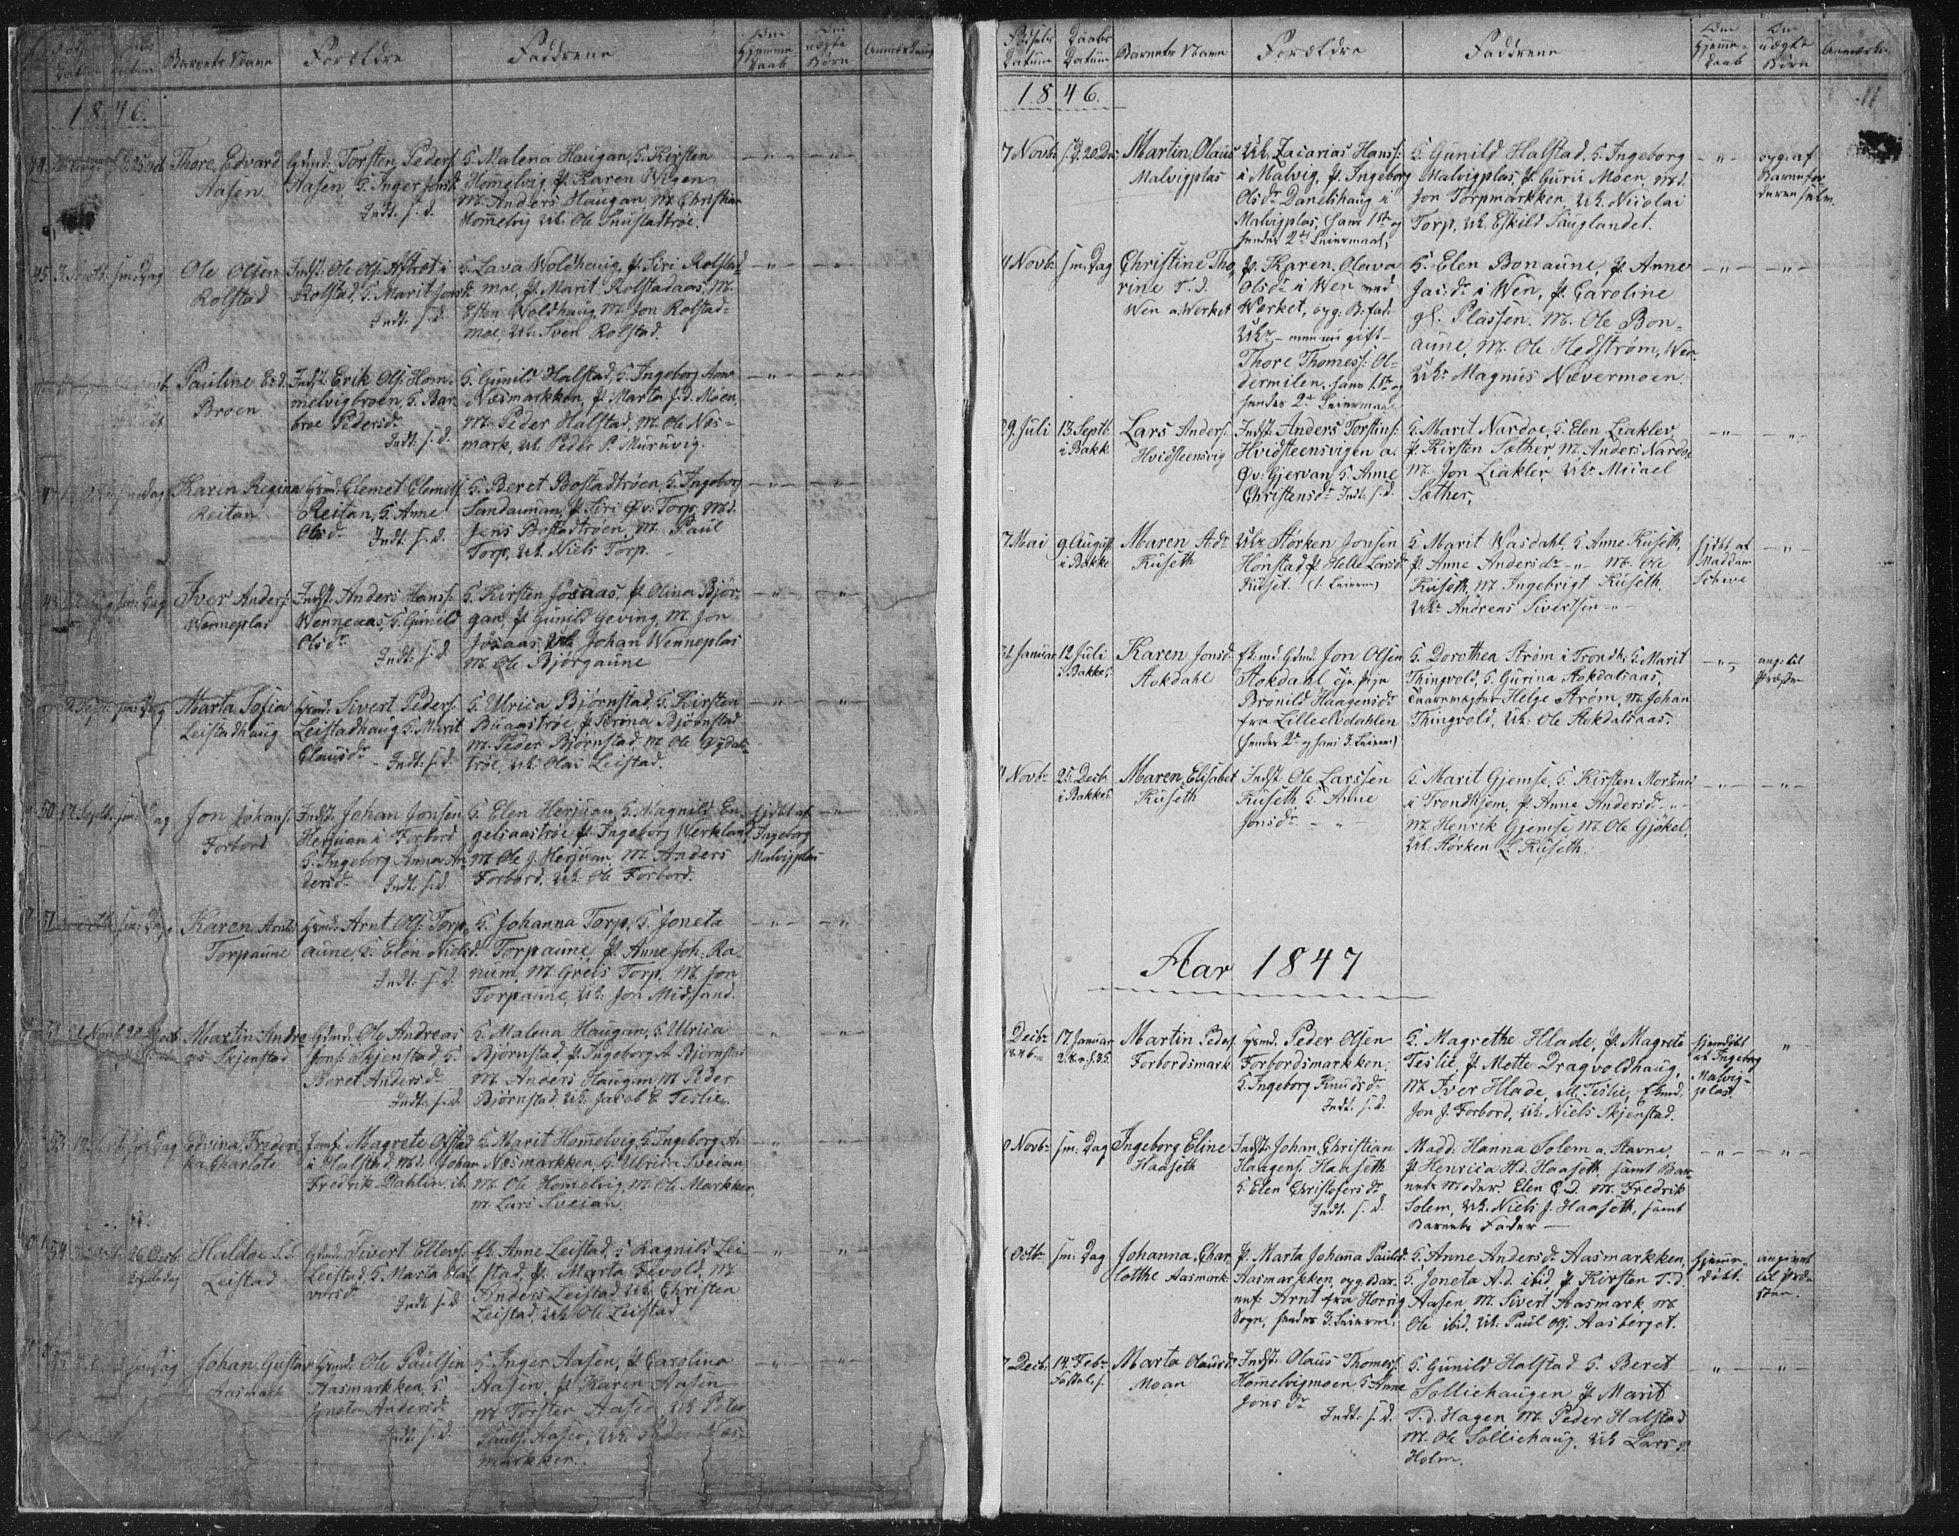 SAT, Ministerialprotokoller, klokkerbøker og fødselsregistre - Sør-Trøndelag, 616/L0406: Ministerialbok nr. 616A03, 1843-1879, s. 11